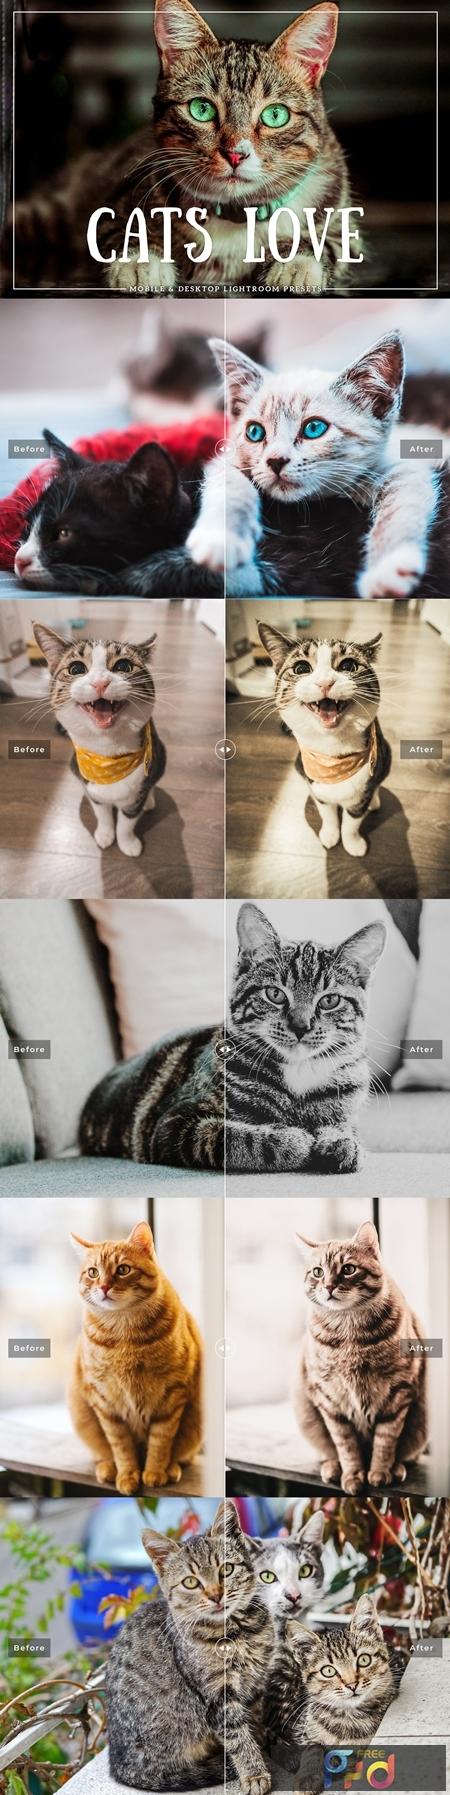 Cats Love Mobile & Desktop Lightroom Presets 3756356 1